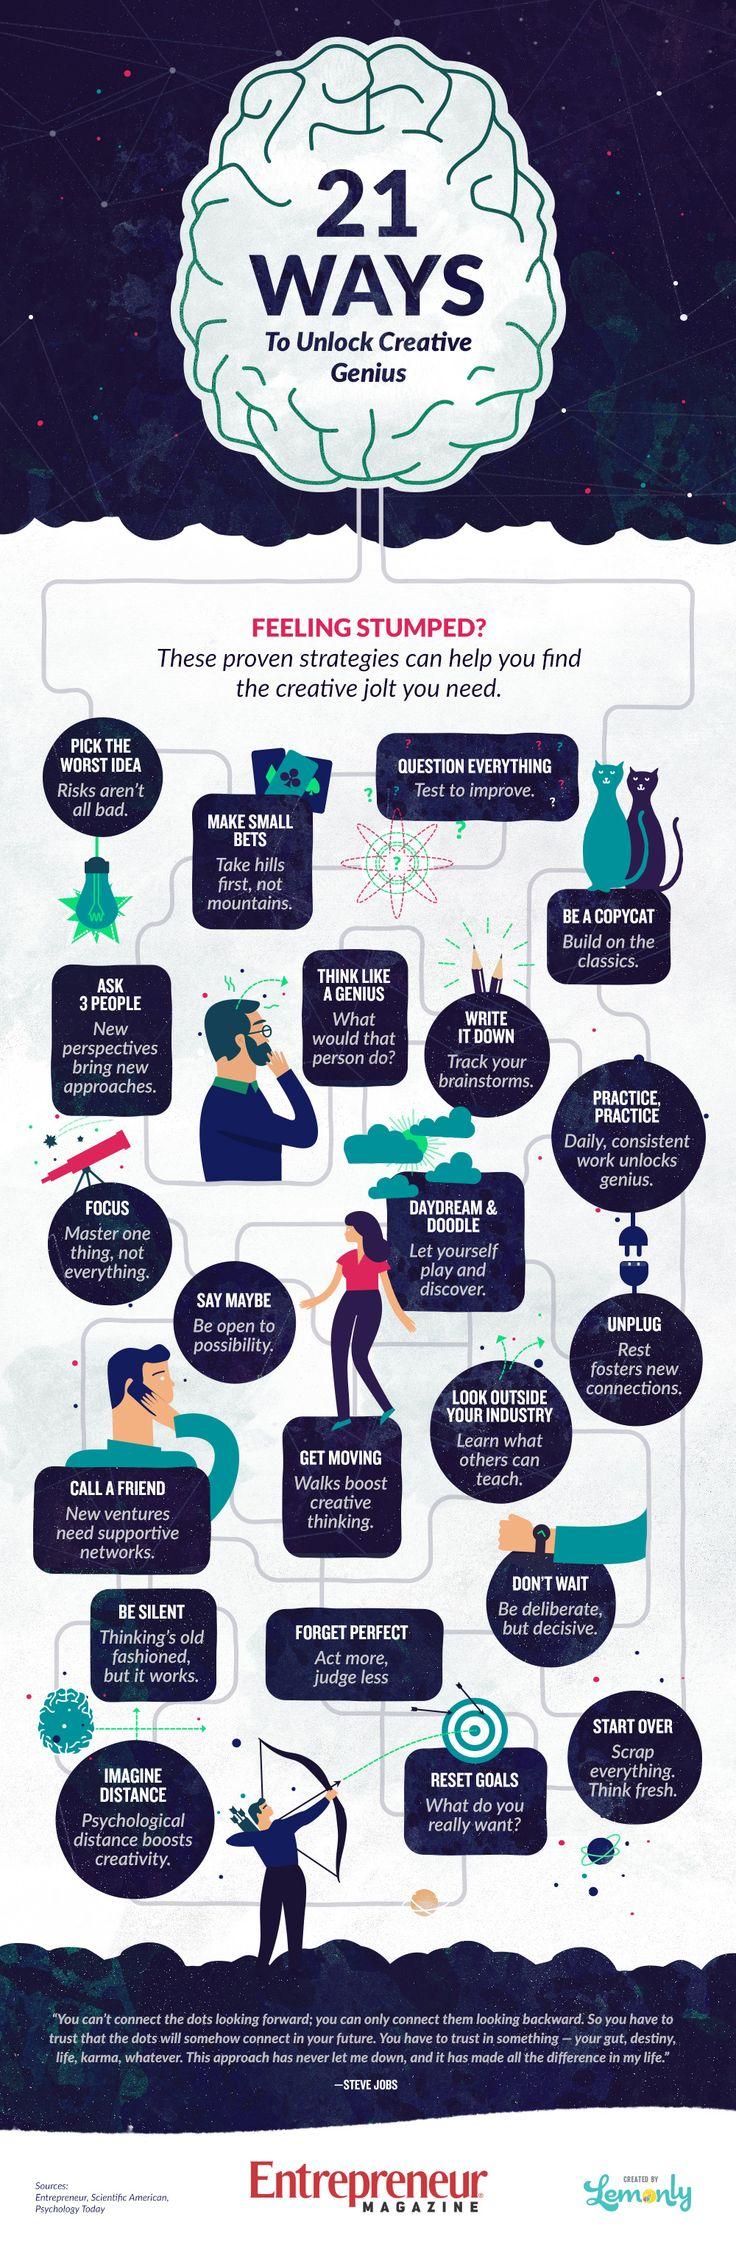 21 maneras de liberar al genio creativo que lleva dentro